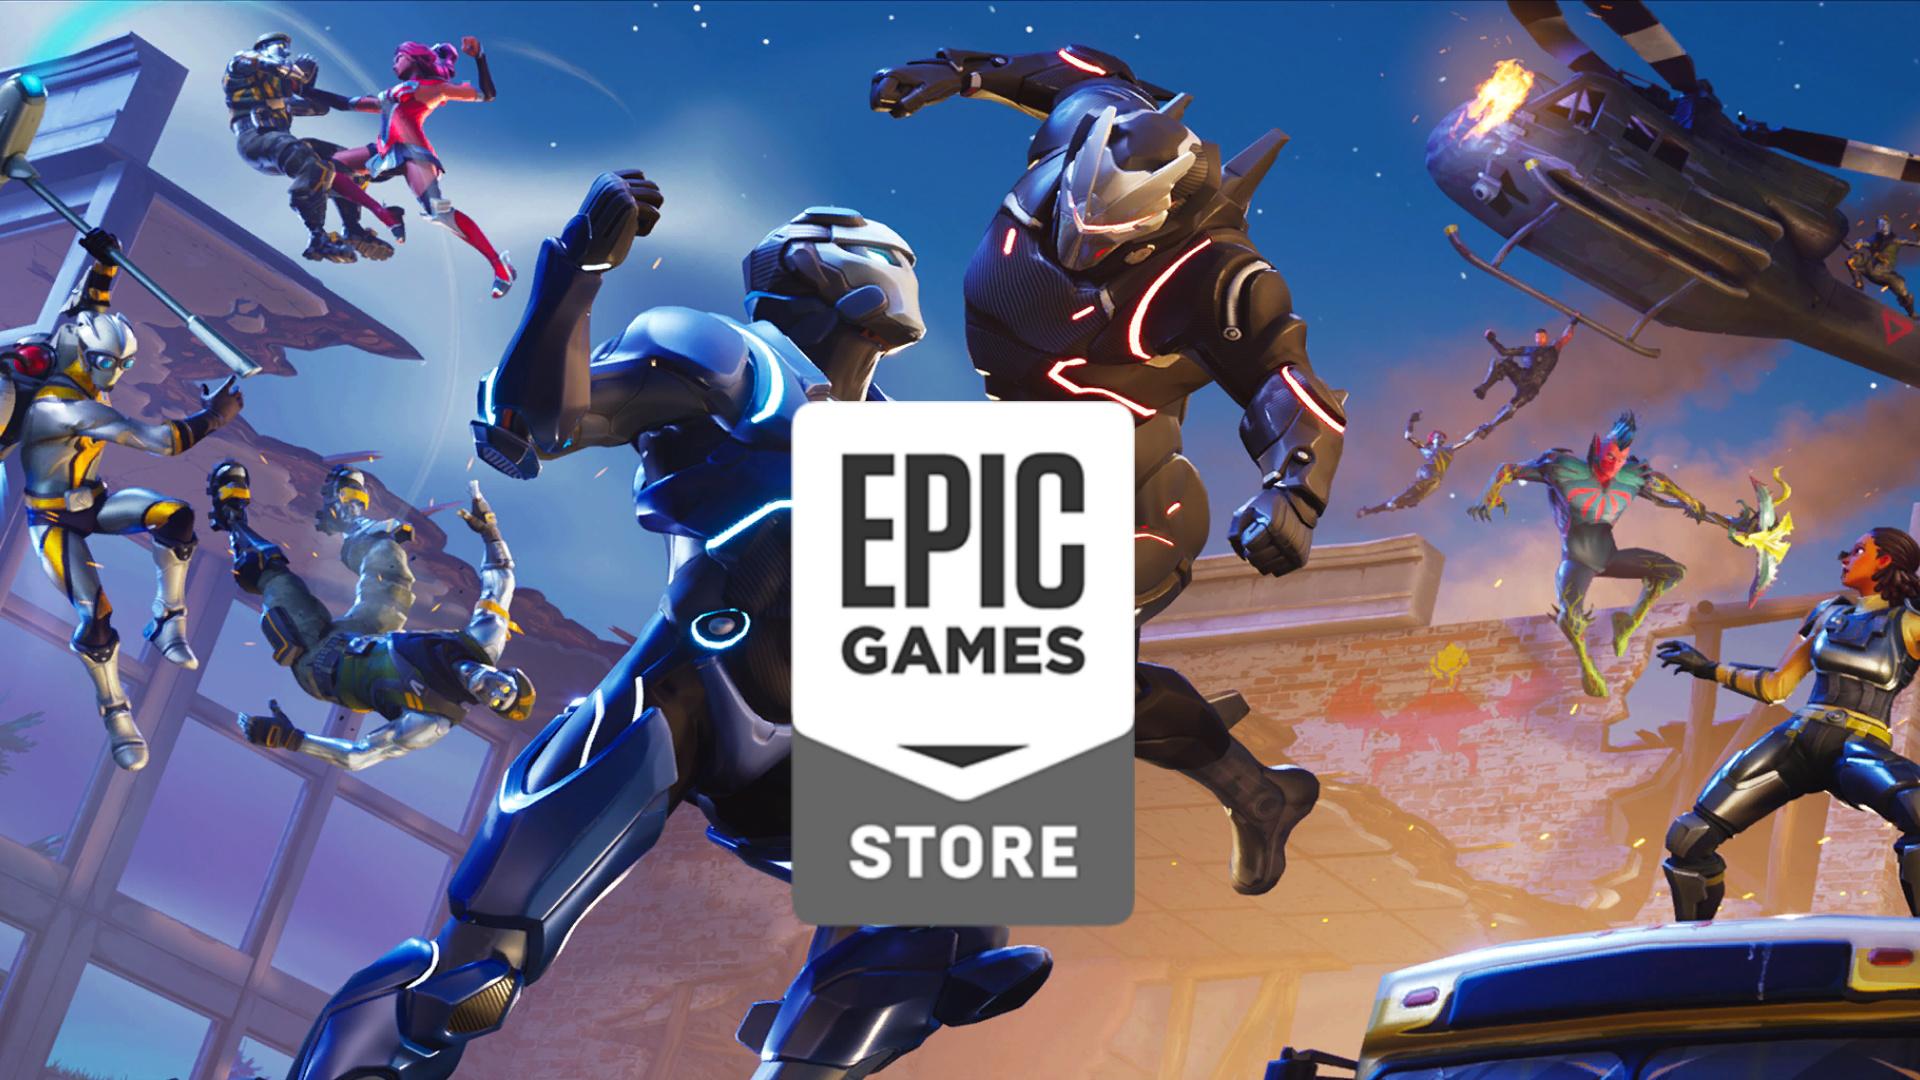 Разработчик Last Oasis считает, что Epic Games Store приносит пользу игровой индустрии